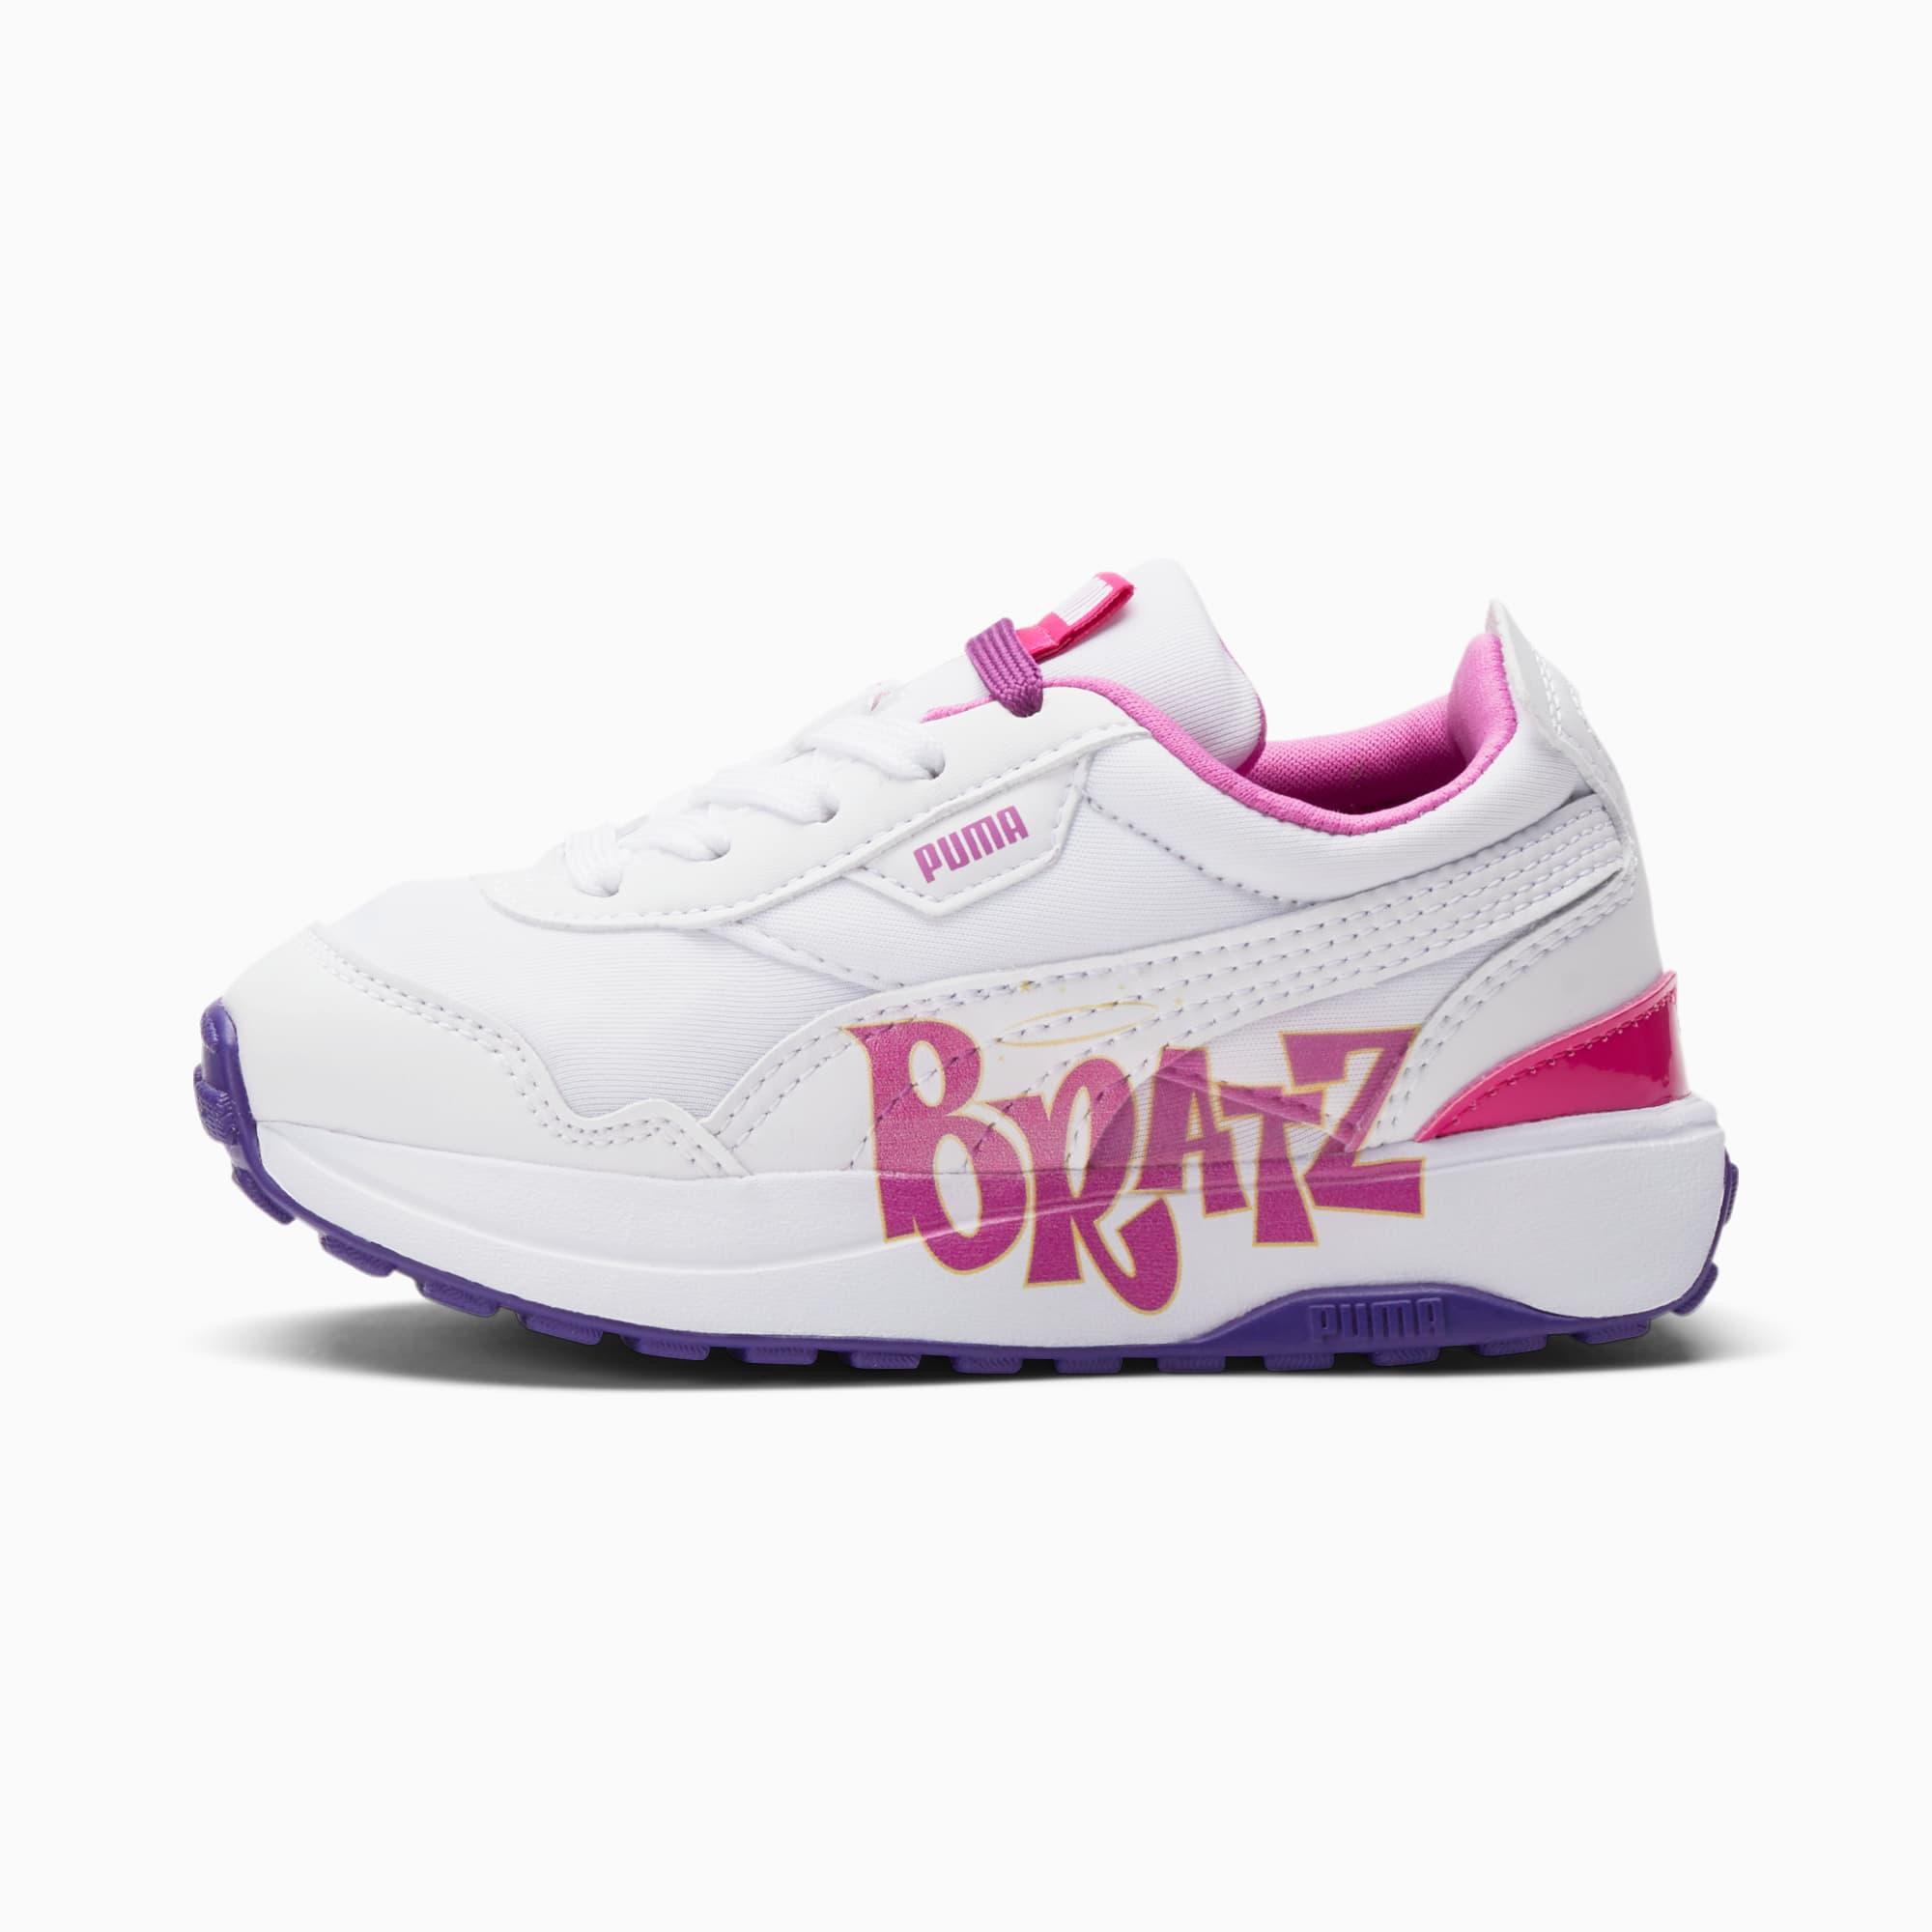 PUMA x BRATZ Cruise Rider Little Kids' Shoes